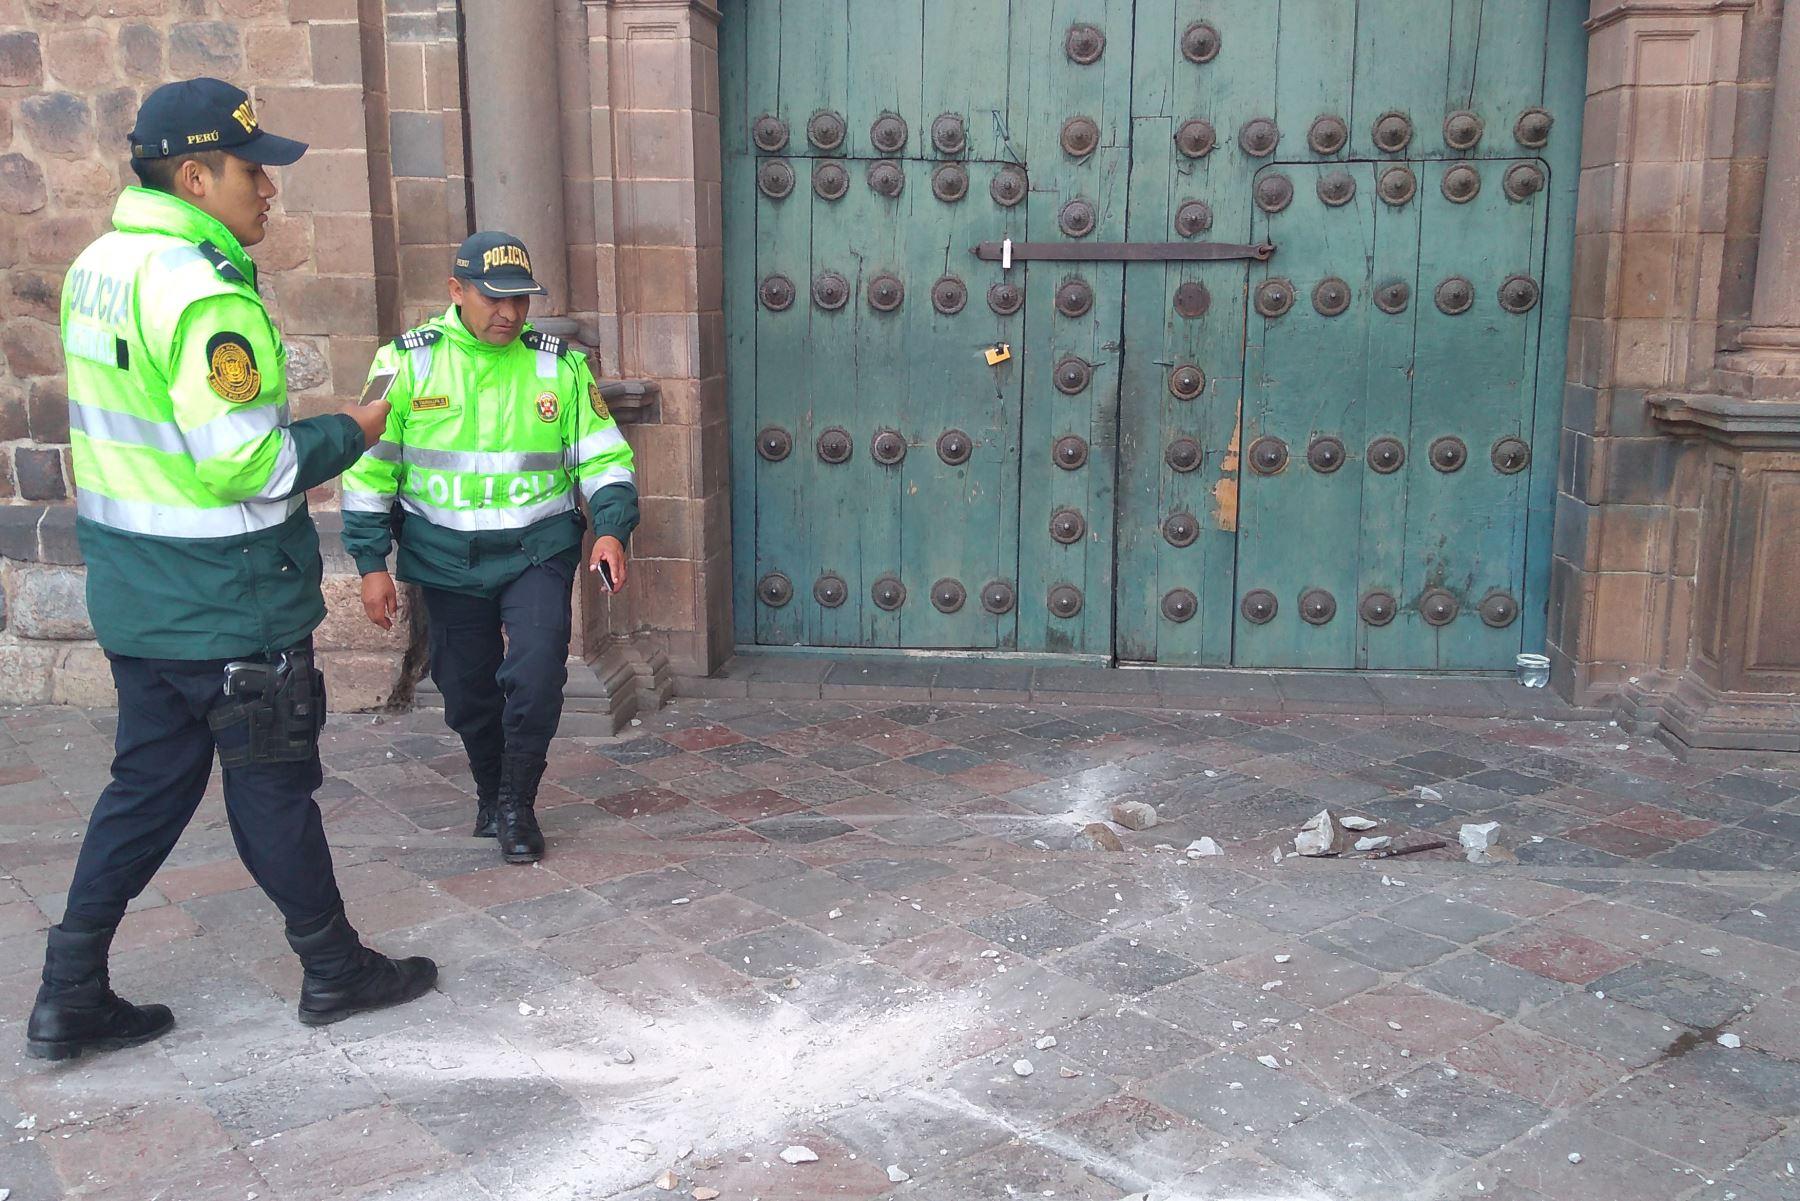 Sismo de magnitud 4 en Cusco provocó la caída de al menos cuatro pináculos (elemento constructivo de la parte más alta de una edificación) del templo barroco La Compañía de Jesús.